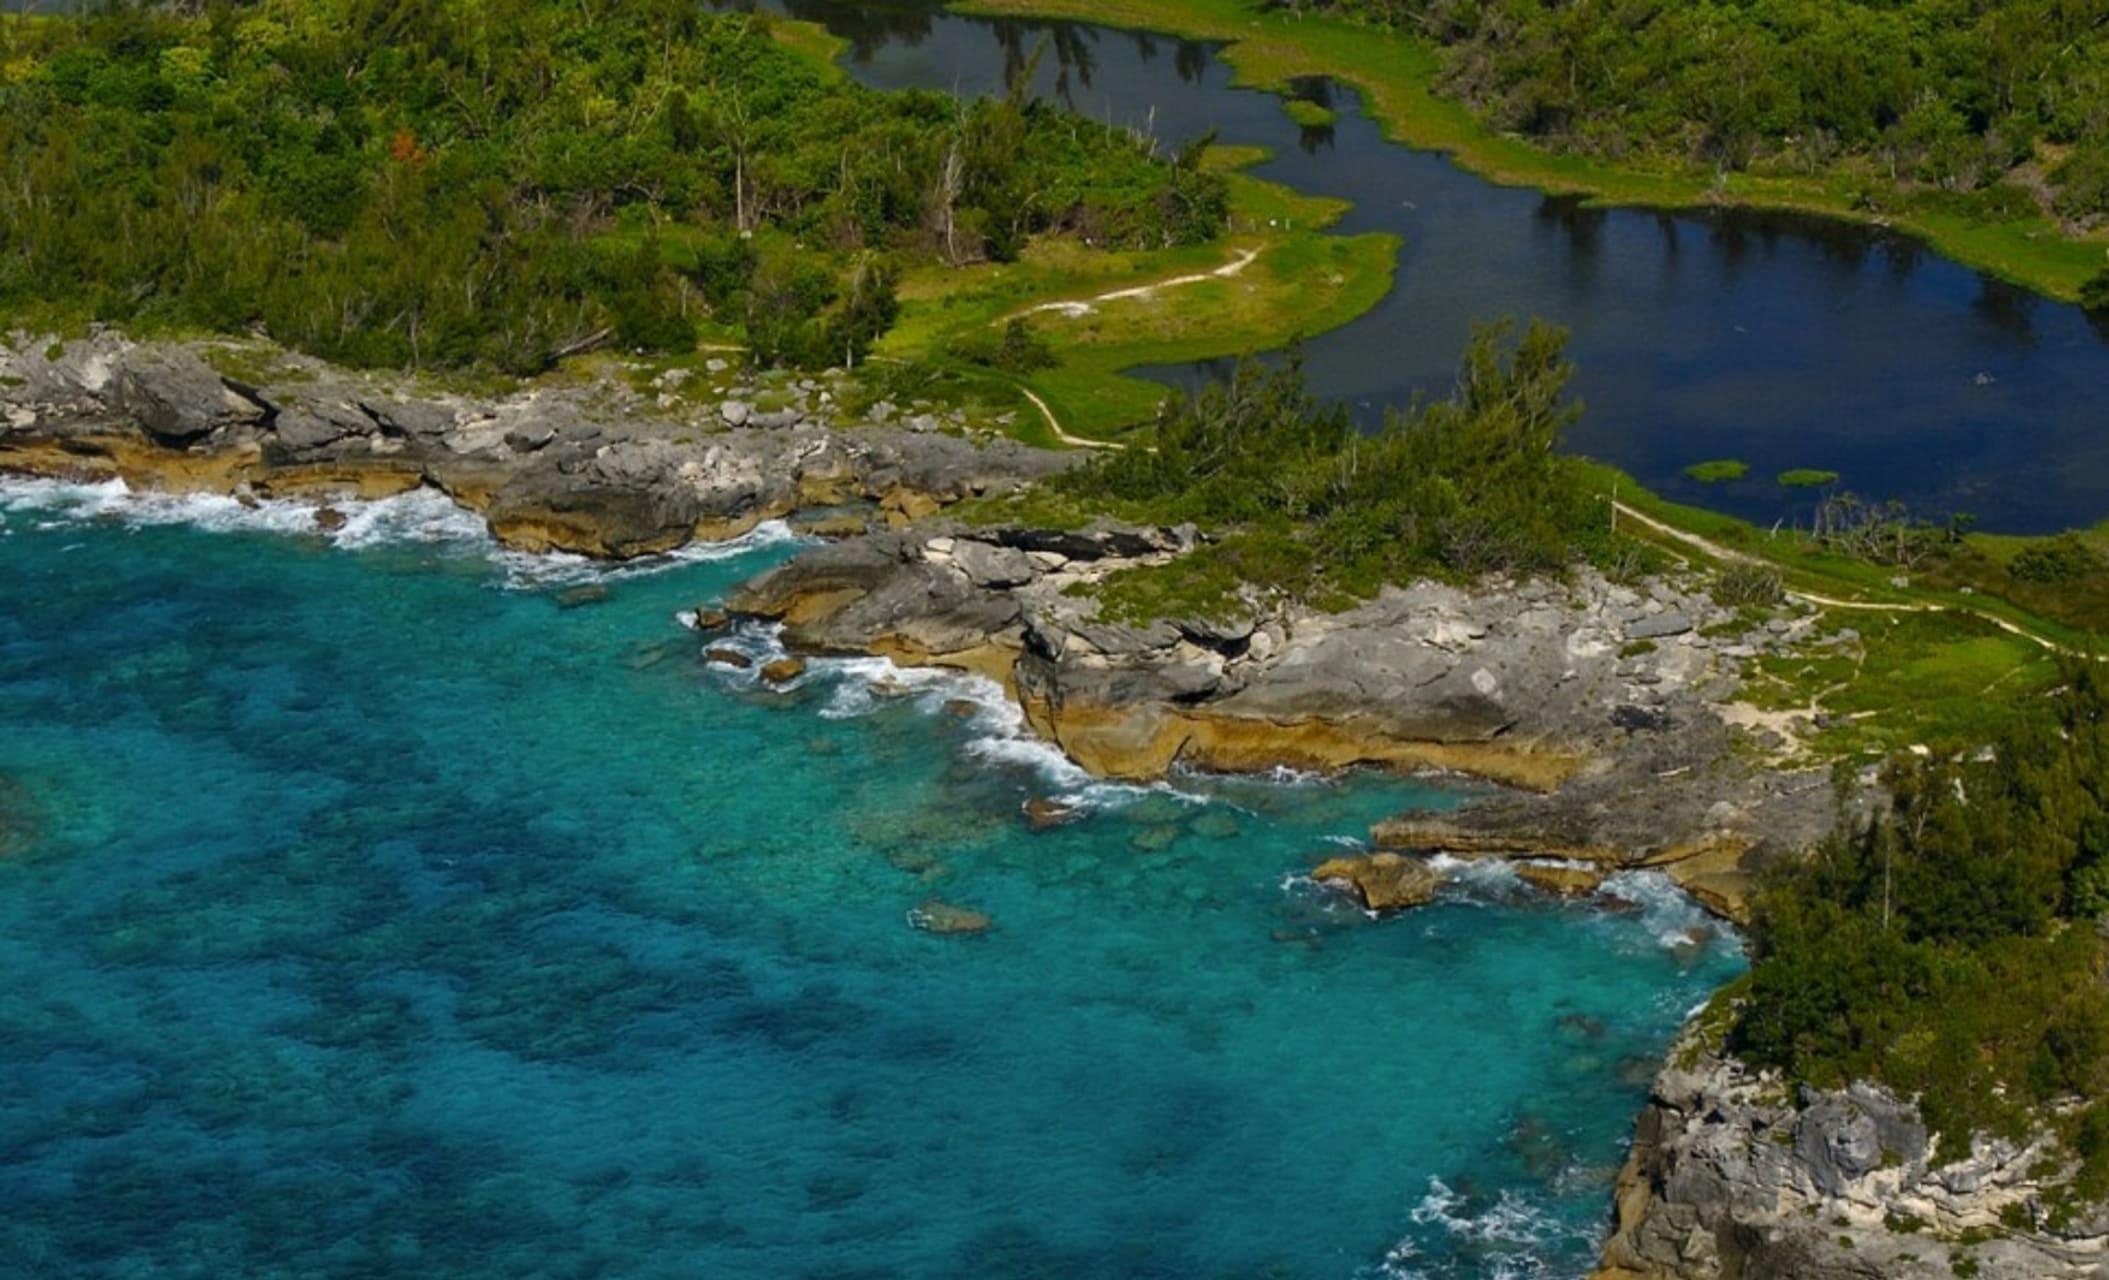 Bermuda - Bermuda's #1 Nature Reserve